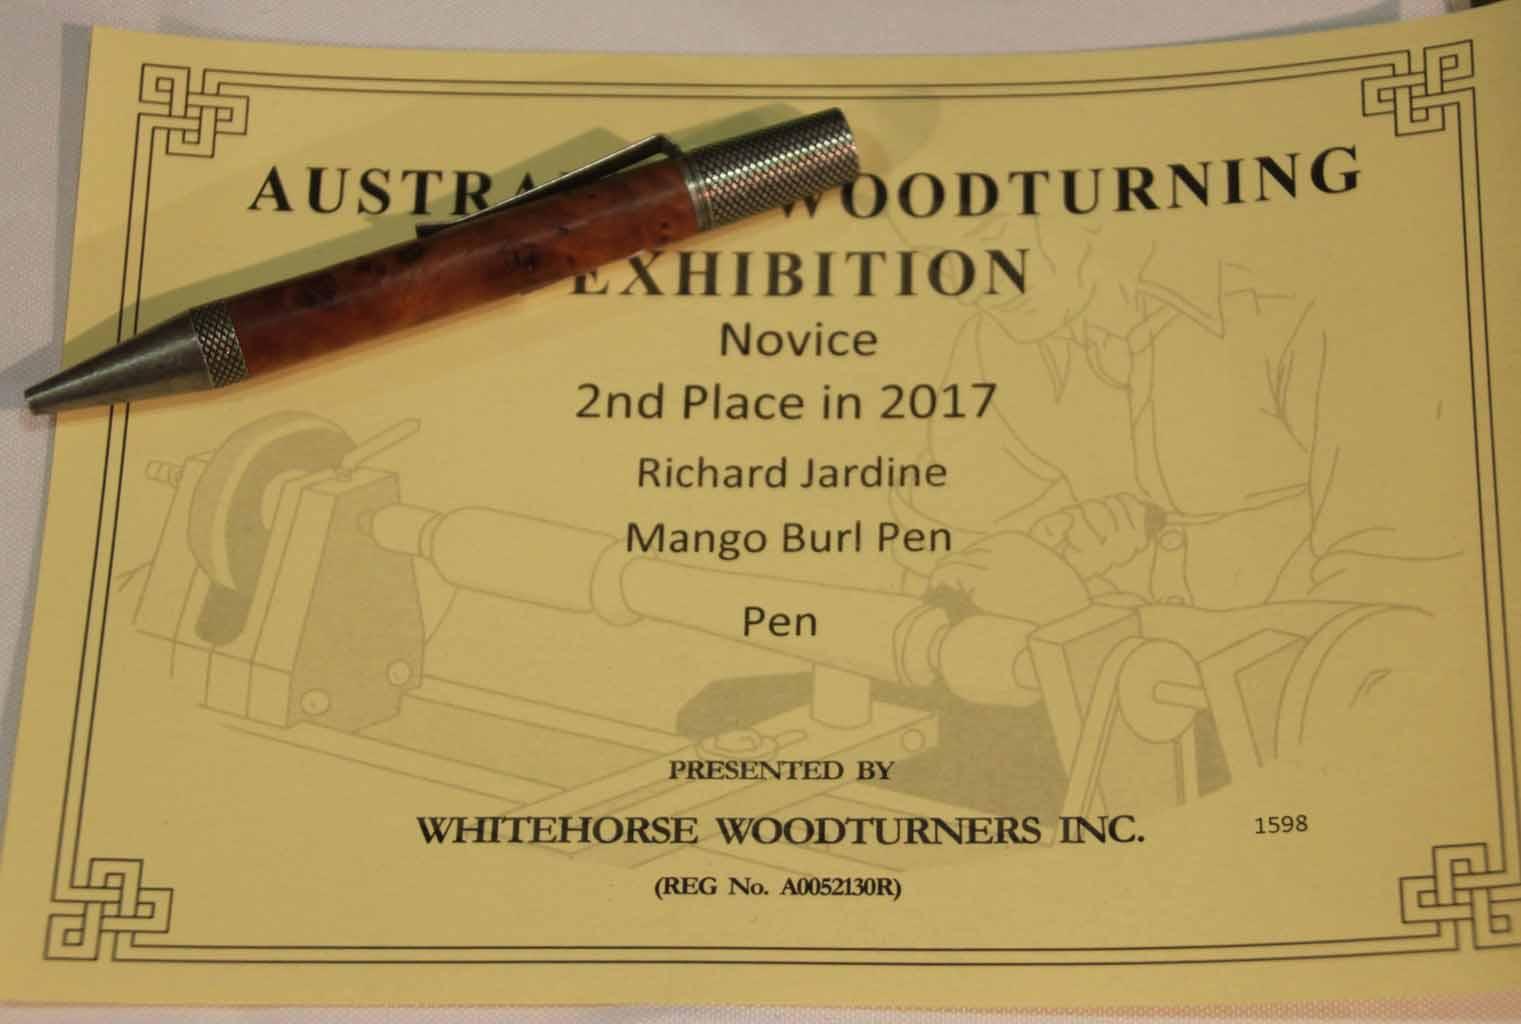 Richard Jardine Mango Burl Pen